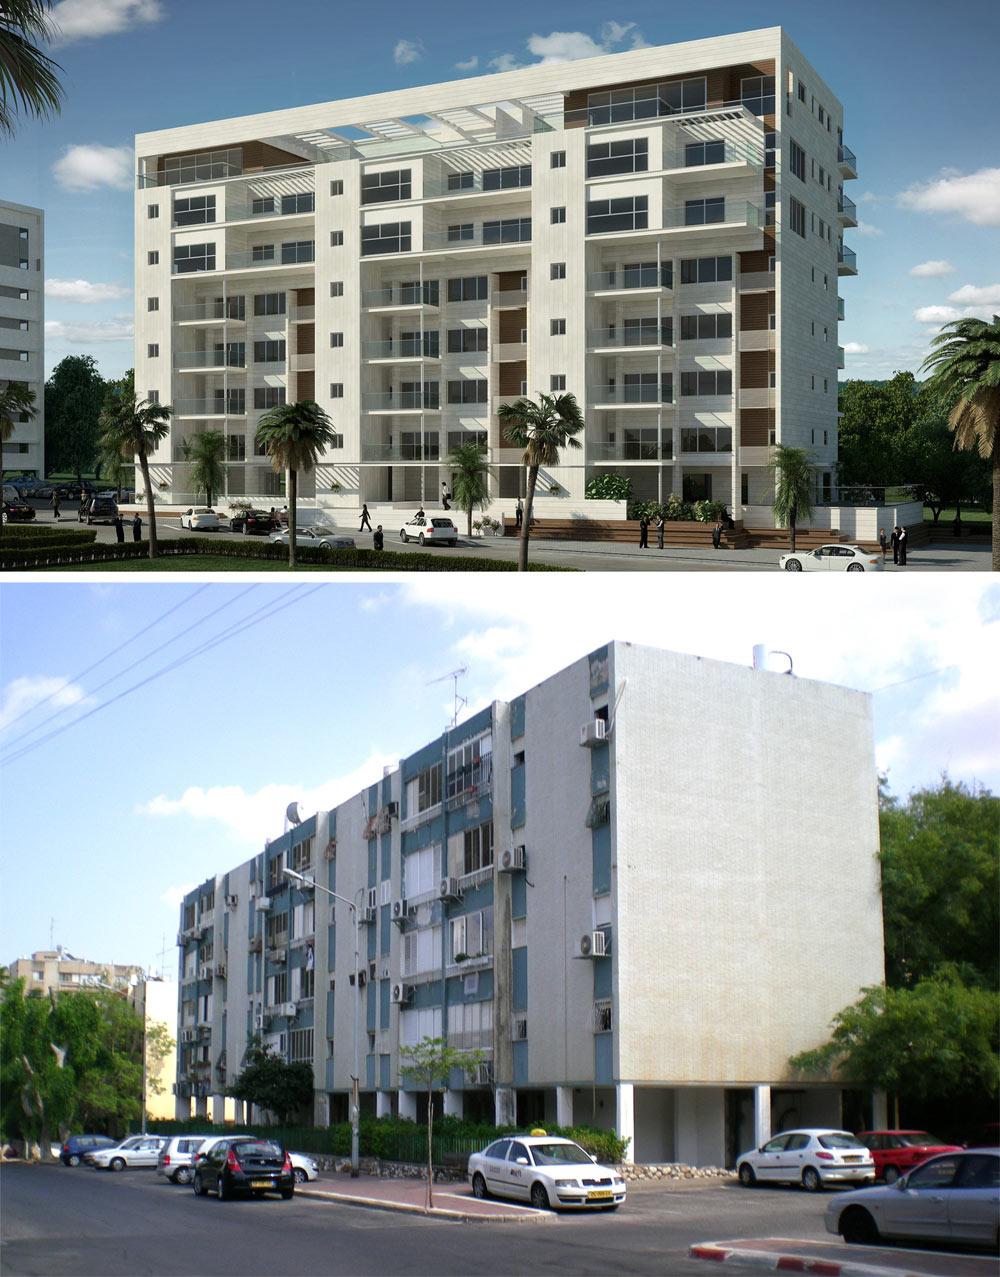 הפרויקט ברחוב שטרן בקרית אונו - לפני ואחרי (צילום והדמיה: יואש ינקוביץ, Oleg 55 Design)